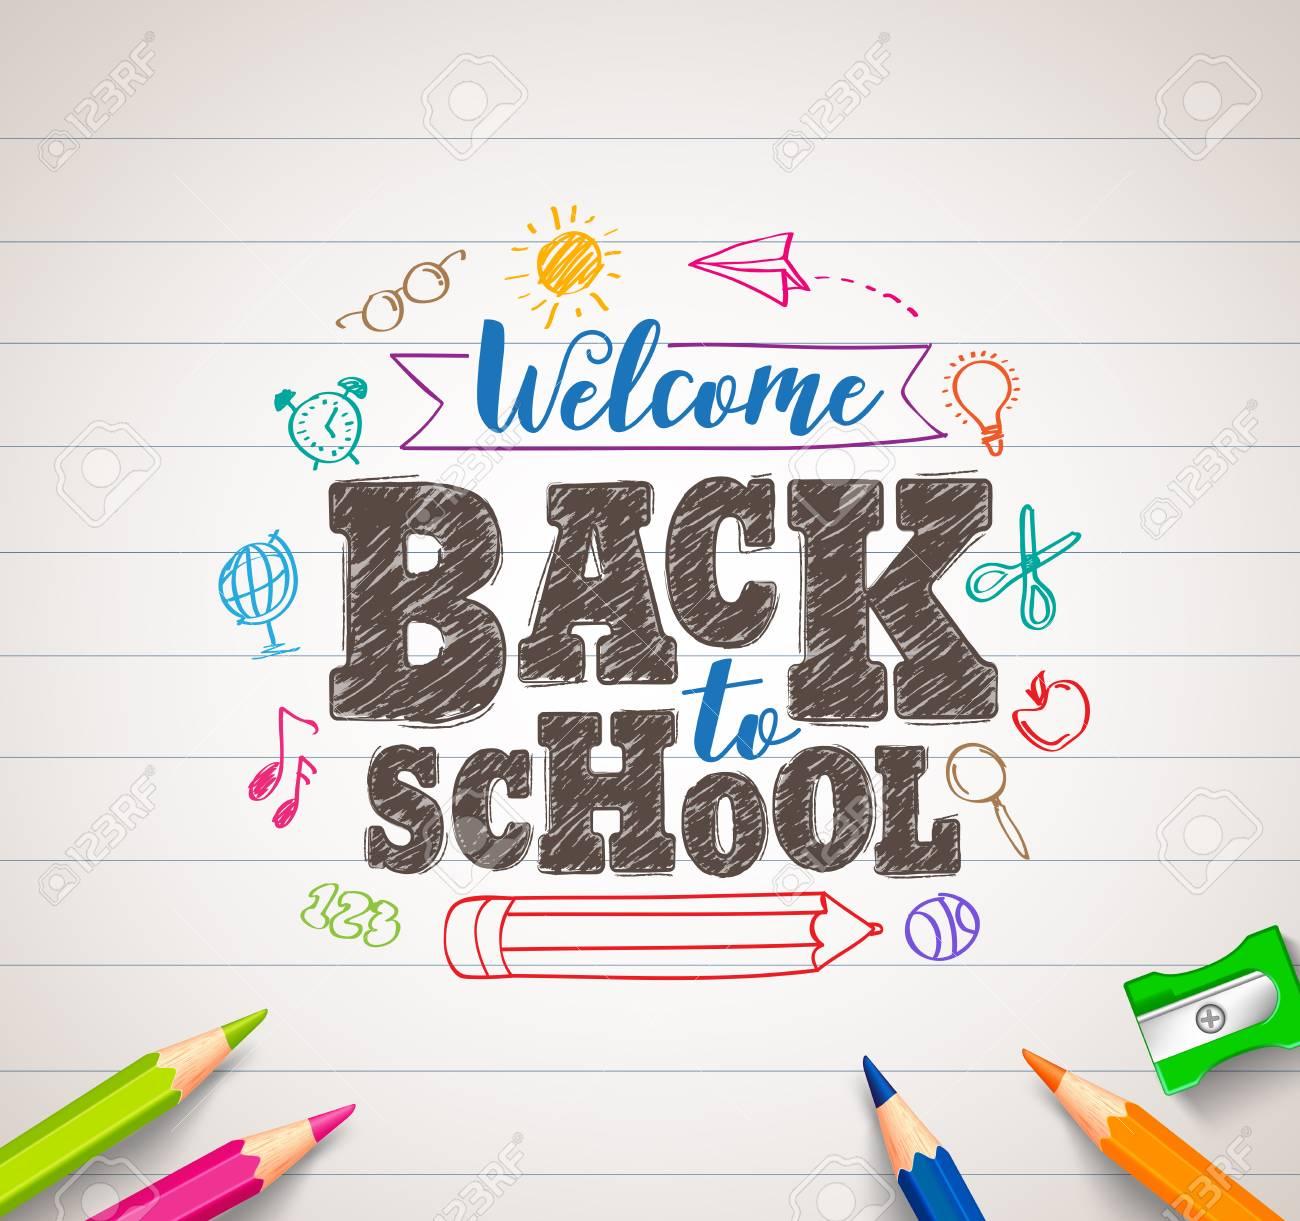 戻る学校ベクトル カラフルなクレヨンで着色ペンと要素のホワイト